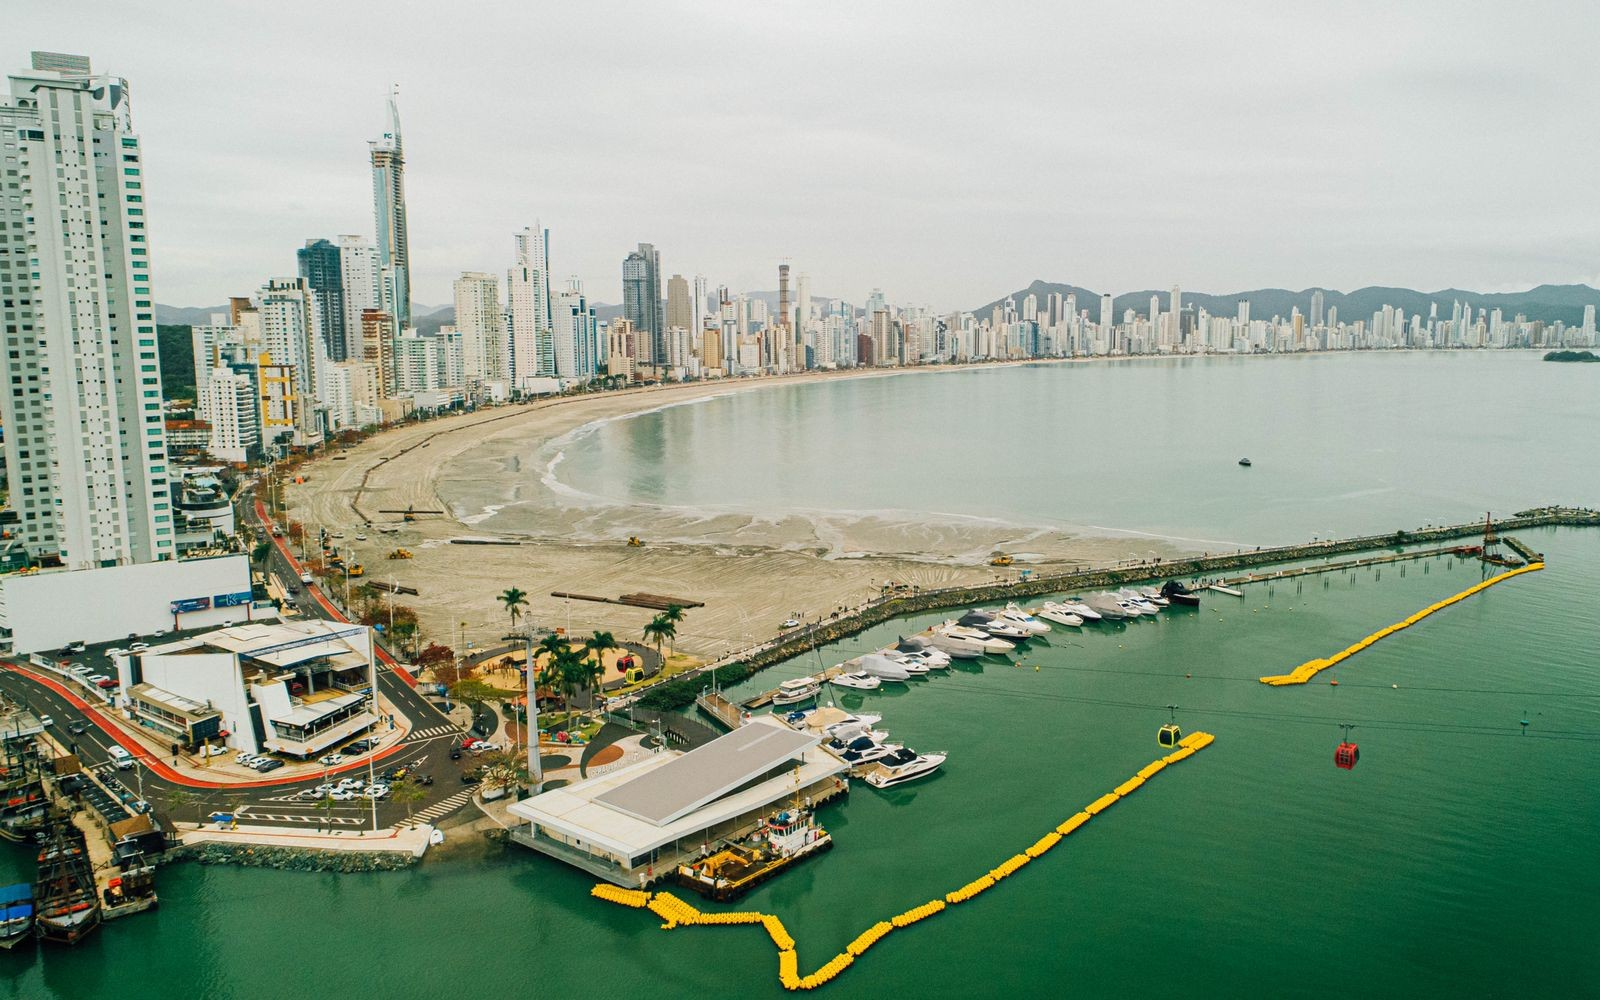 Obra de alargamento da praia de Balneário Camboriú inicia nova fase; confira andamento dos trabalhos